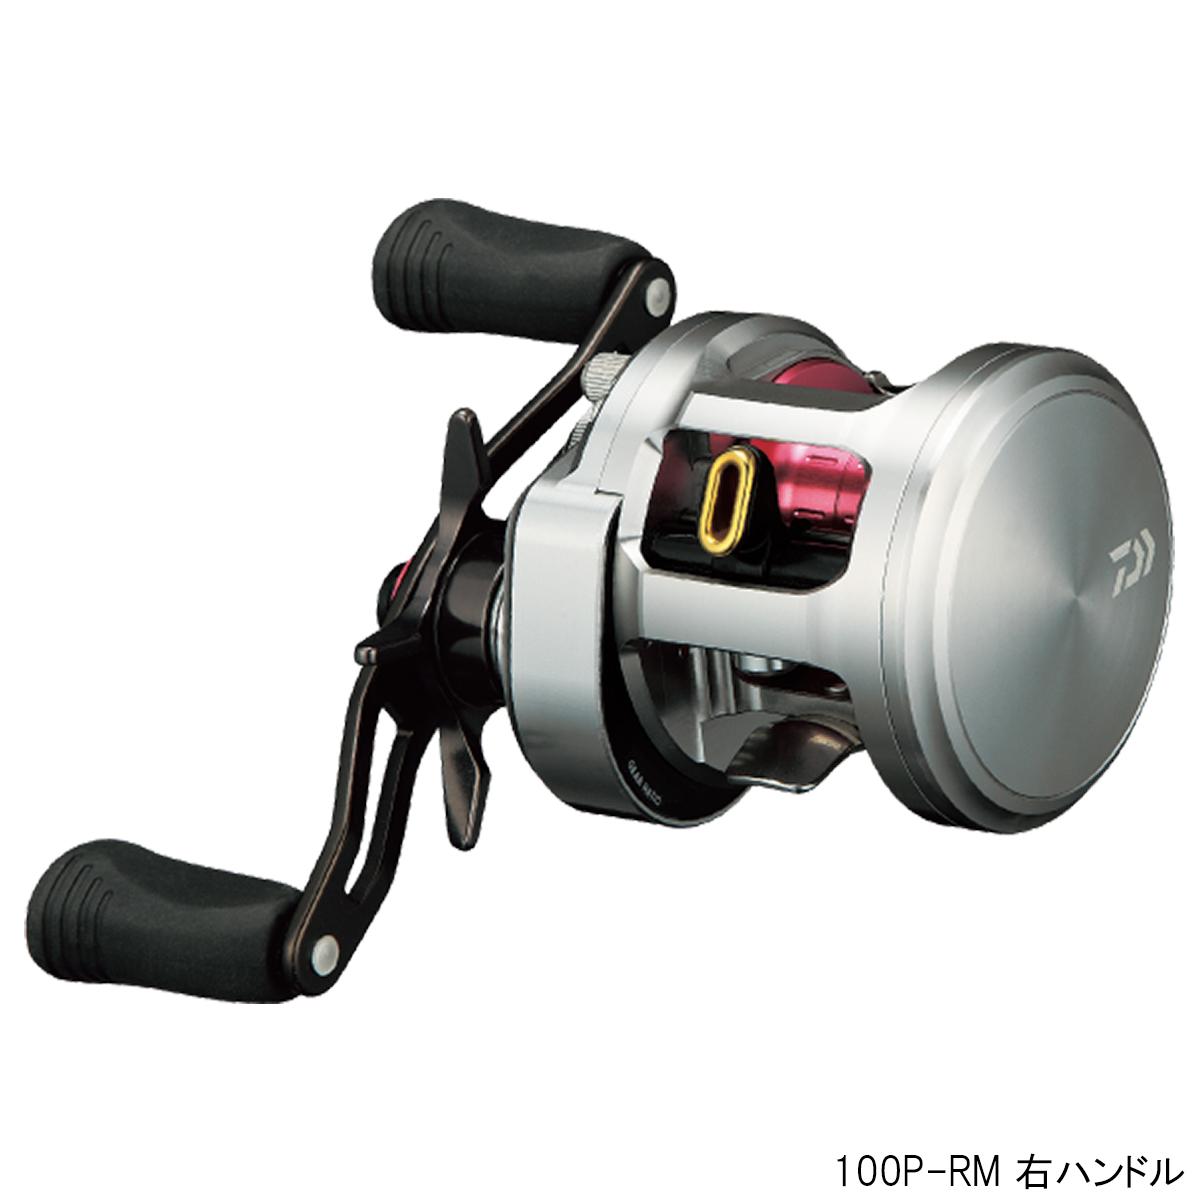 ダイワ キャタリナ BJ 100P-RM 右ハンドル(東日本店)